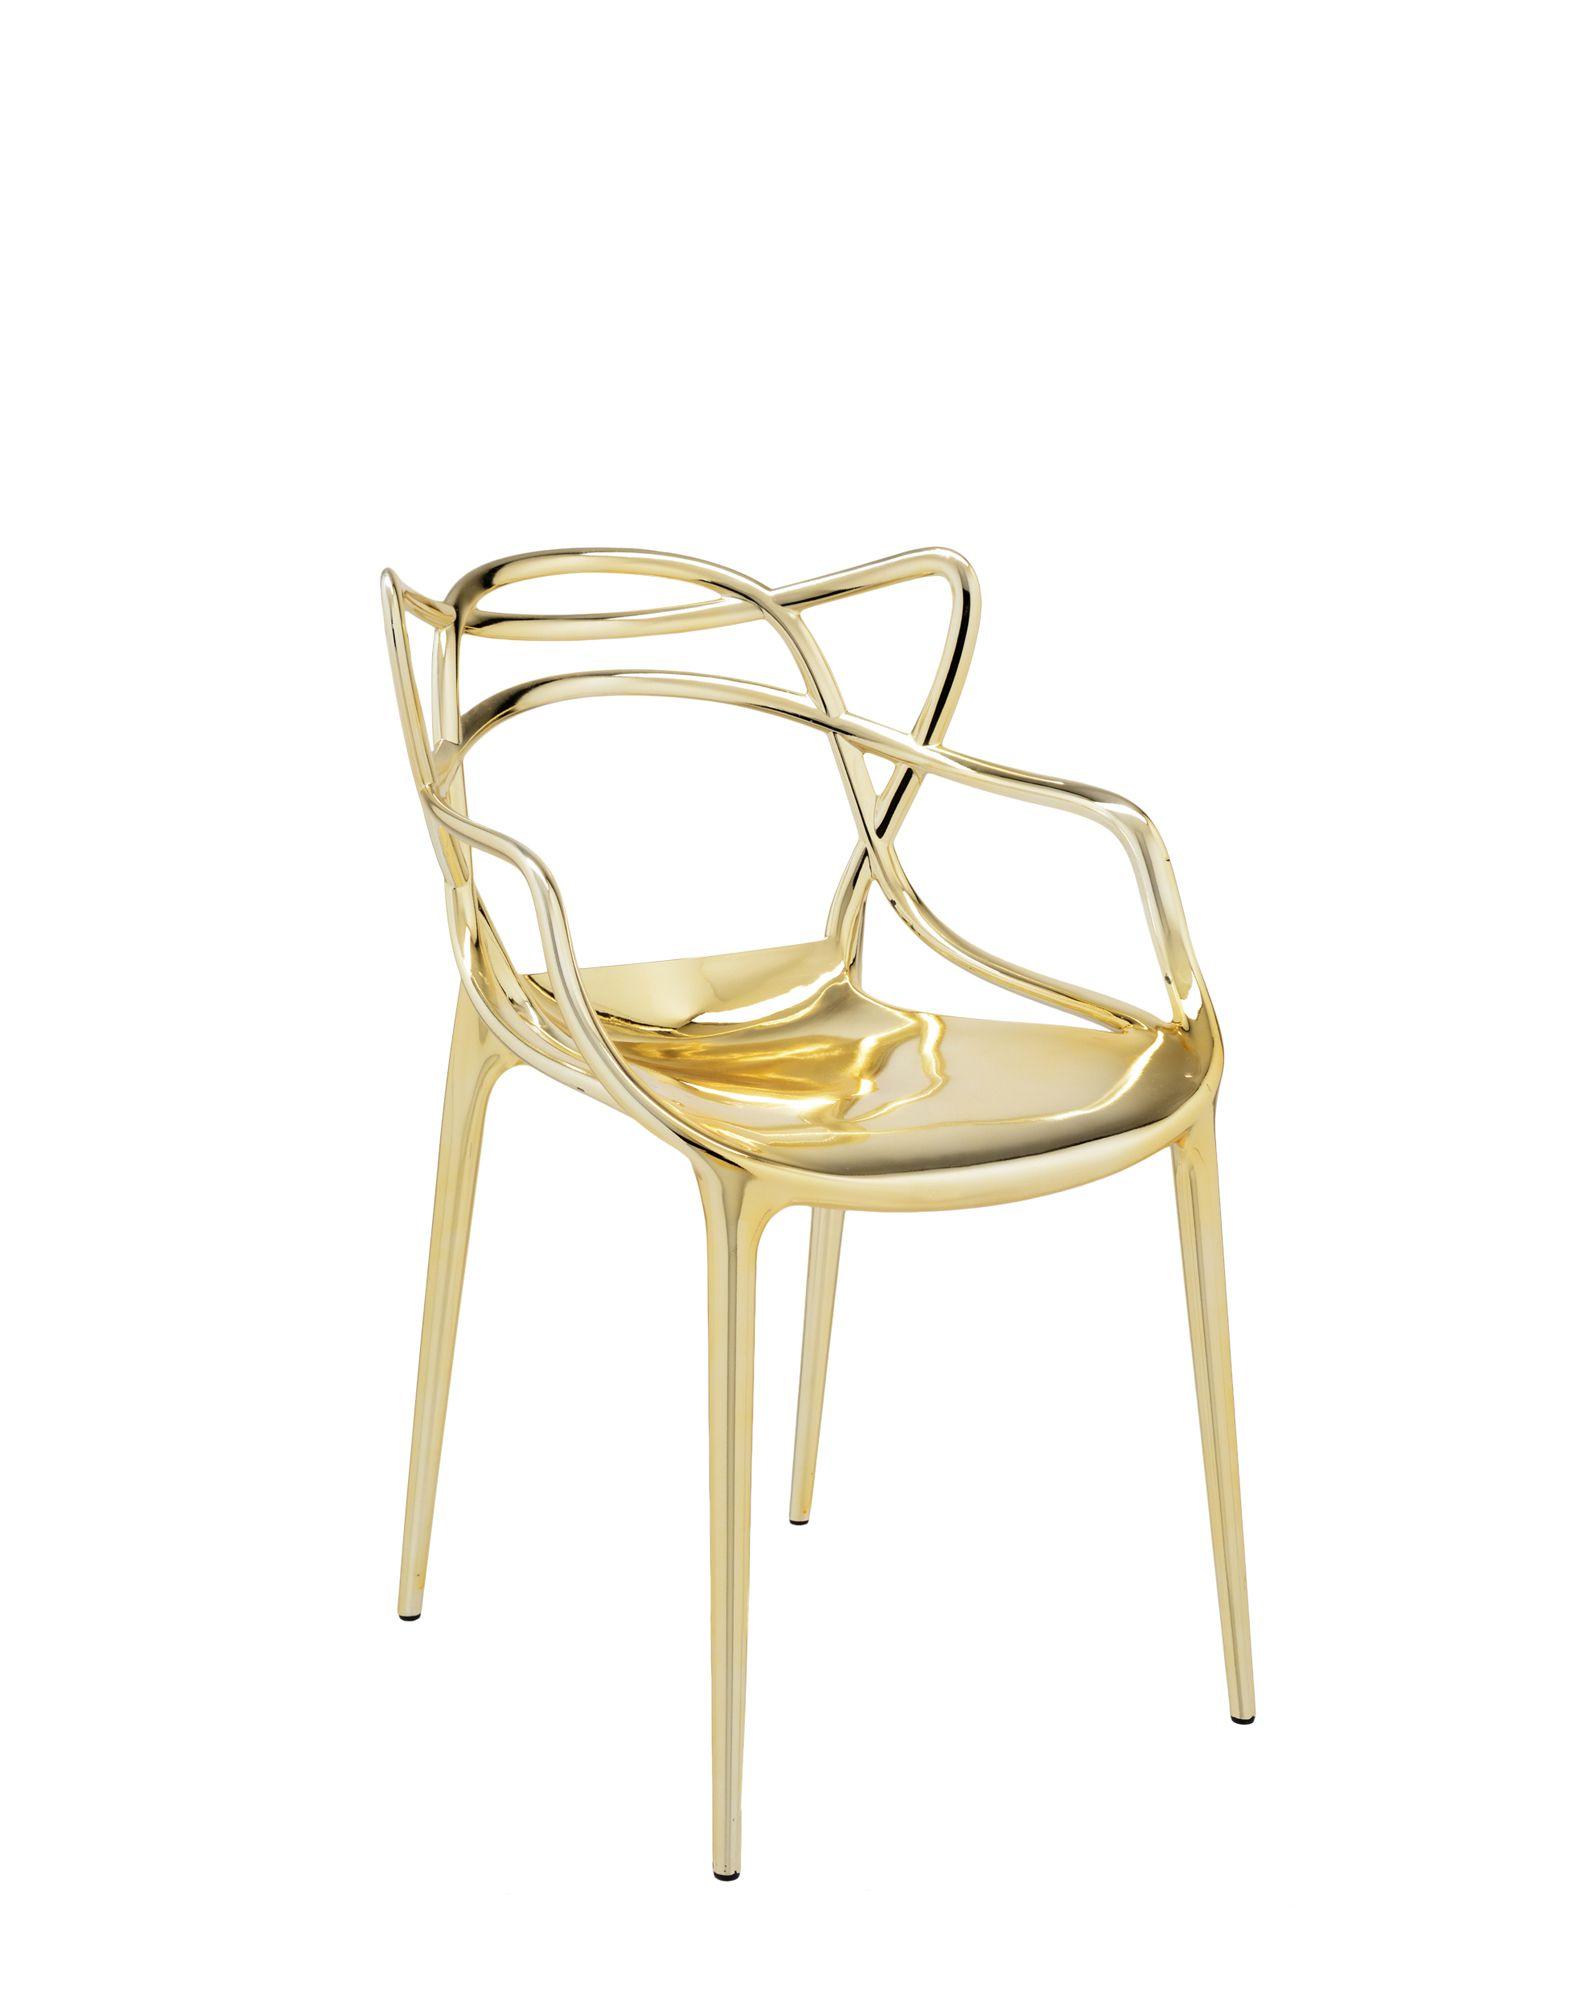 Kartell masters oro sedie sedie design sedie moderne for Sedia design kartell